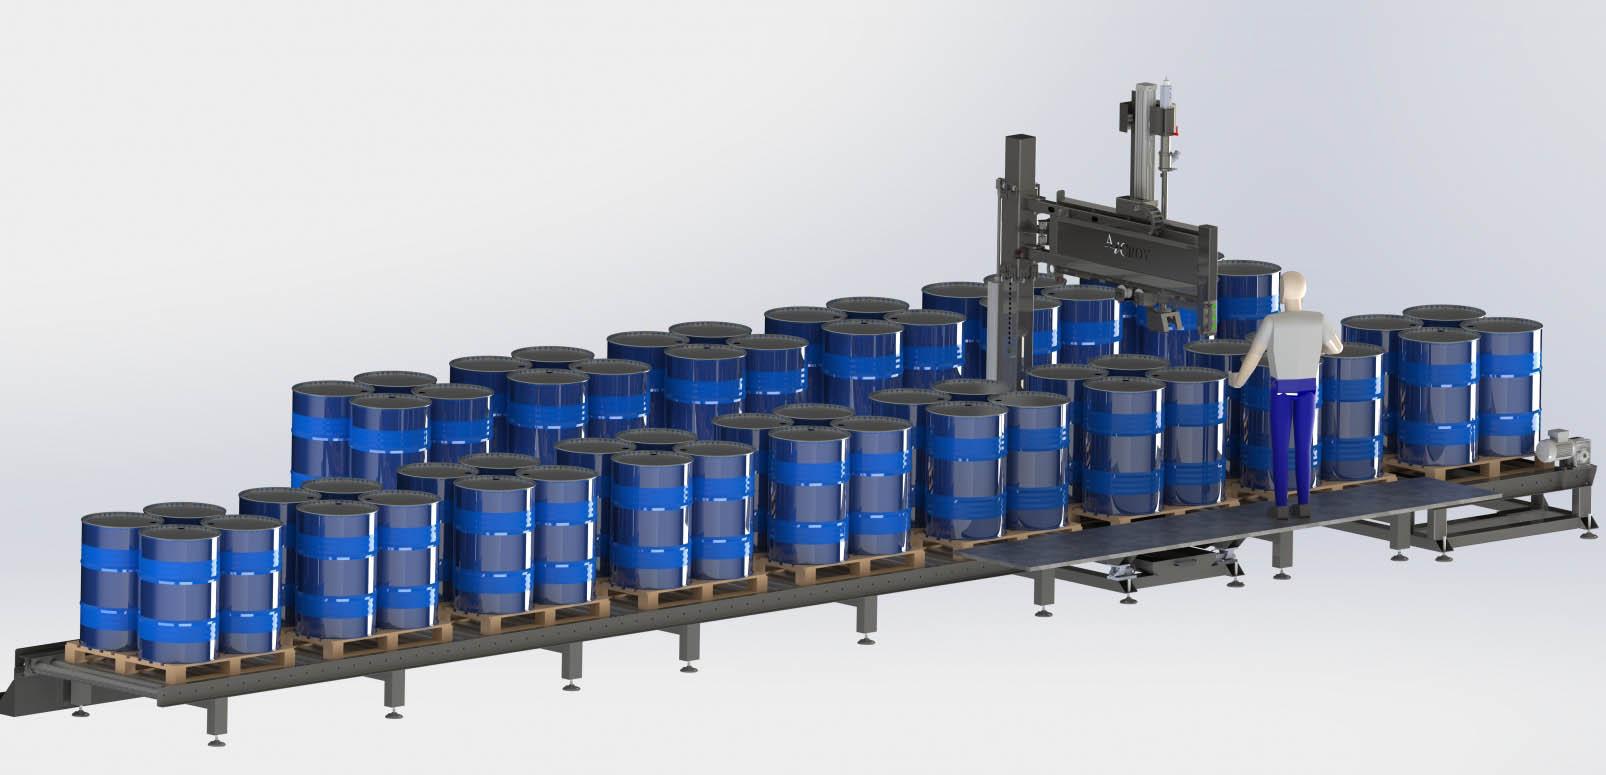 原子灰自动灌装机供应商